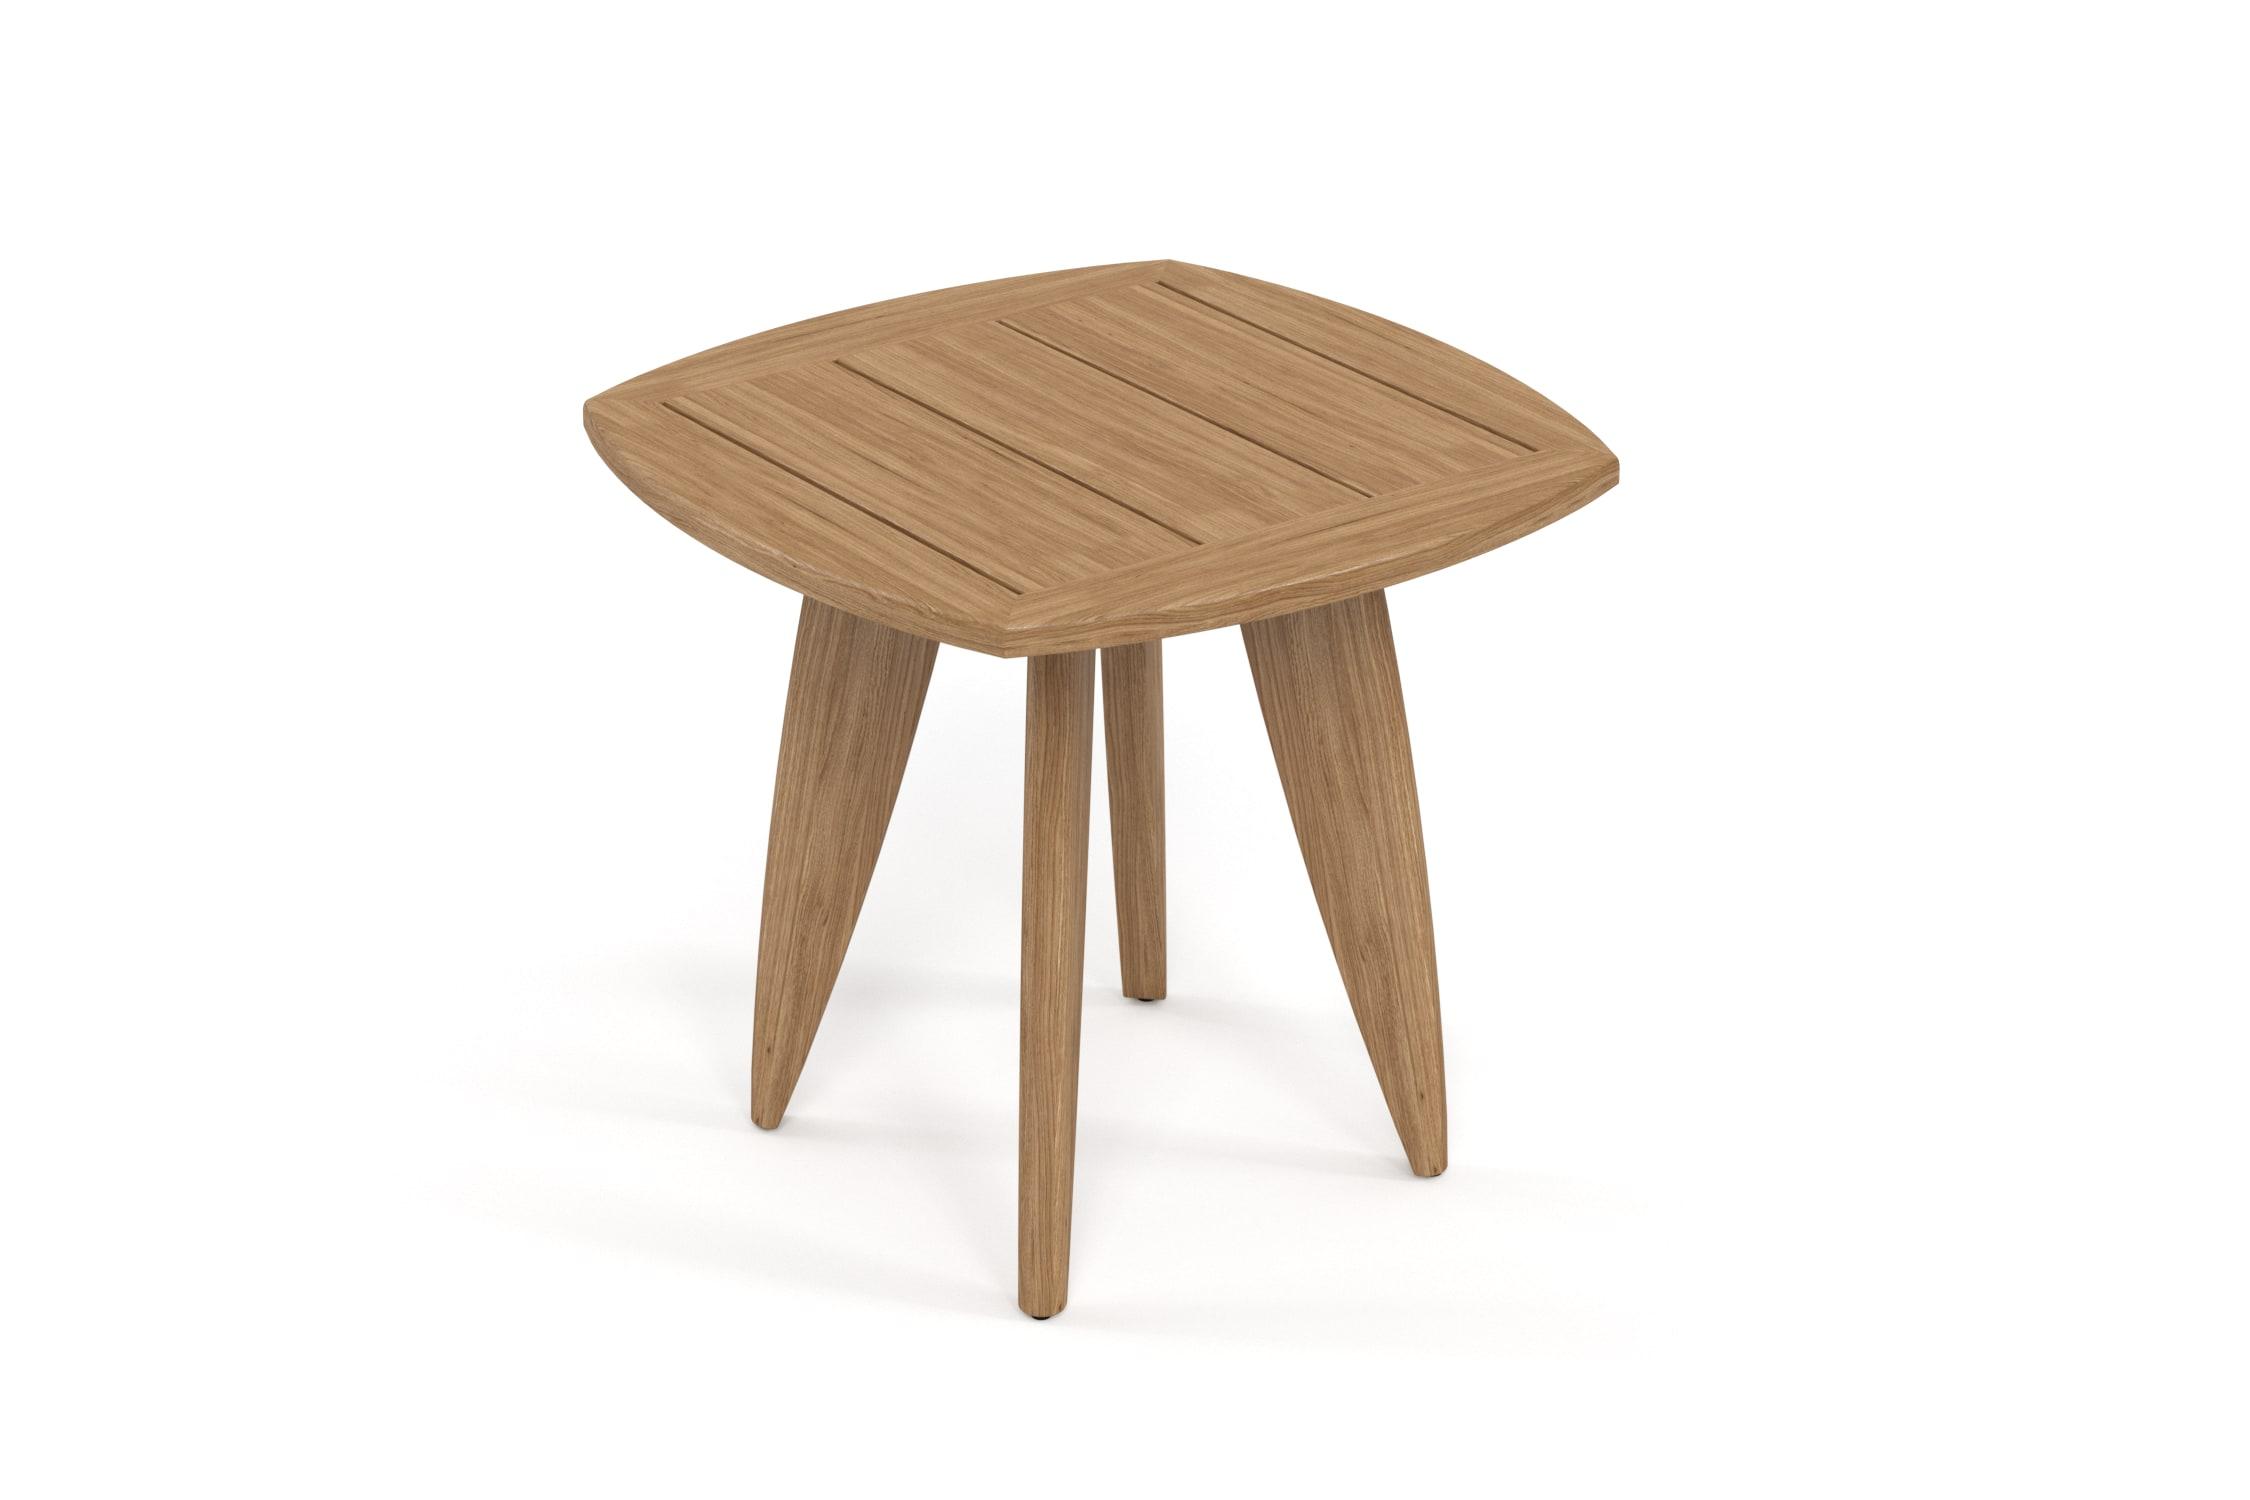 Столик придиванный ReefСтолы и столики для сада<br>Коллекция REEF - уникальный дизайн, сочетающий в себе надежность, теплоту дерева и продуманность форм. Мягкие удобные подушки, выполненные в контрастной цветовой гамме, сразу привлекают внимание к уютному уголку отдыха. Коллекция универсальна: предназначена для уединения отдыха в тенистой зелени сада, неспешных обедов во внутреннем дворике или досуга у воды.&amp;nbsp;Тик – прочная и твердая древесина, относится к ценным породам. Имеет темно-золотистый цвет и сохраняет его на протяжении очень длительного срока. Со временем приобретает благородный темно-серый или темно-коричневый цвет. Благодаря высокому содержанию природных масел, обладает высокой стойкостью против гниения, кислот и щелочей, не вызывает коррозию металлов. Тик содержит кислоты кремния и танина, придающие материалу стойкость к воздействию вредных внешних факторов. Древесина тика не подвержена воздействию термитов, не требует дополнительной антибактериальной обработки. Мебель из тика допускает круглогодичную эксплуатацию на открытом воздухе, выдерживает перепады температур от –30 до +30С. Срок службы более 25 лет.&amp;nbsp;Вся фурнитура изготовлена из нержавеющей стали на собственном производстве.&amp;nbsp;<br><br><br><br>kit: None<br>gender: None